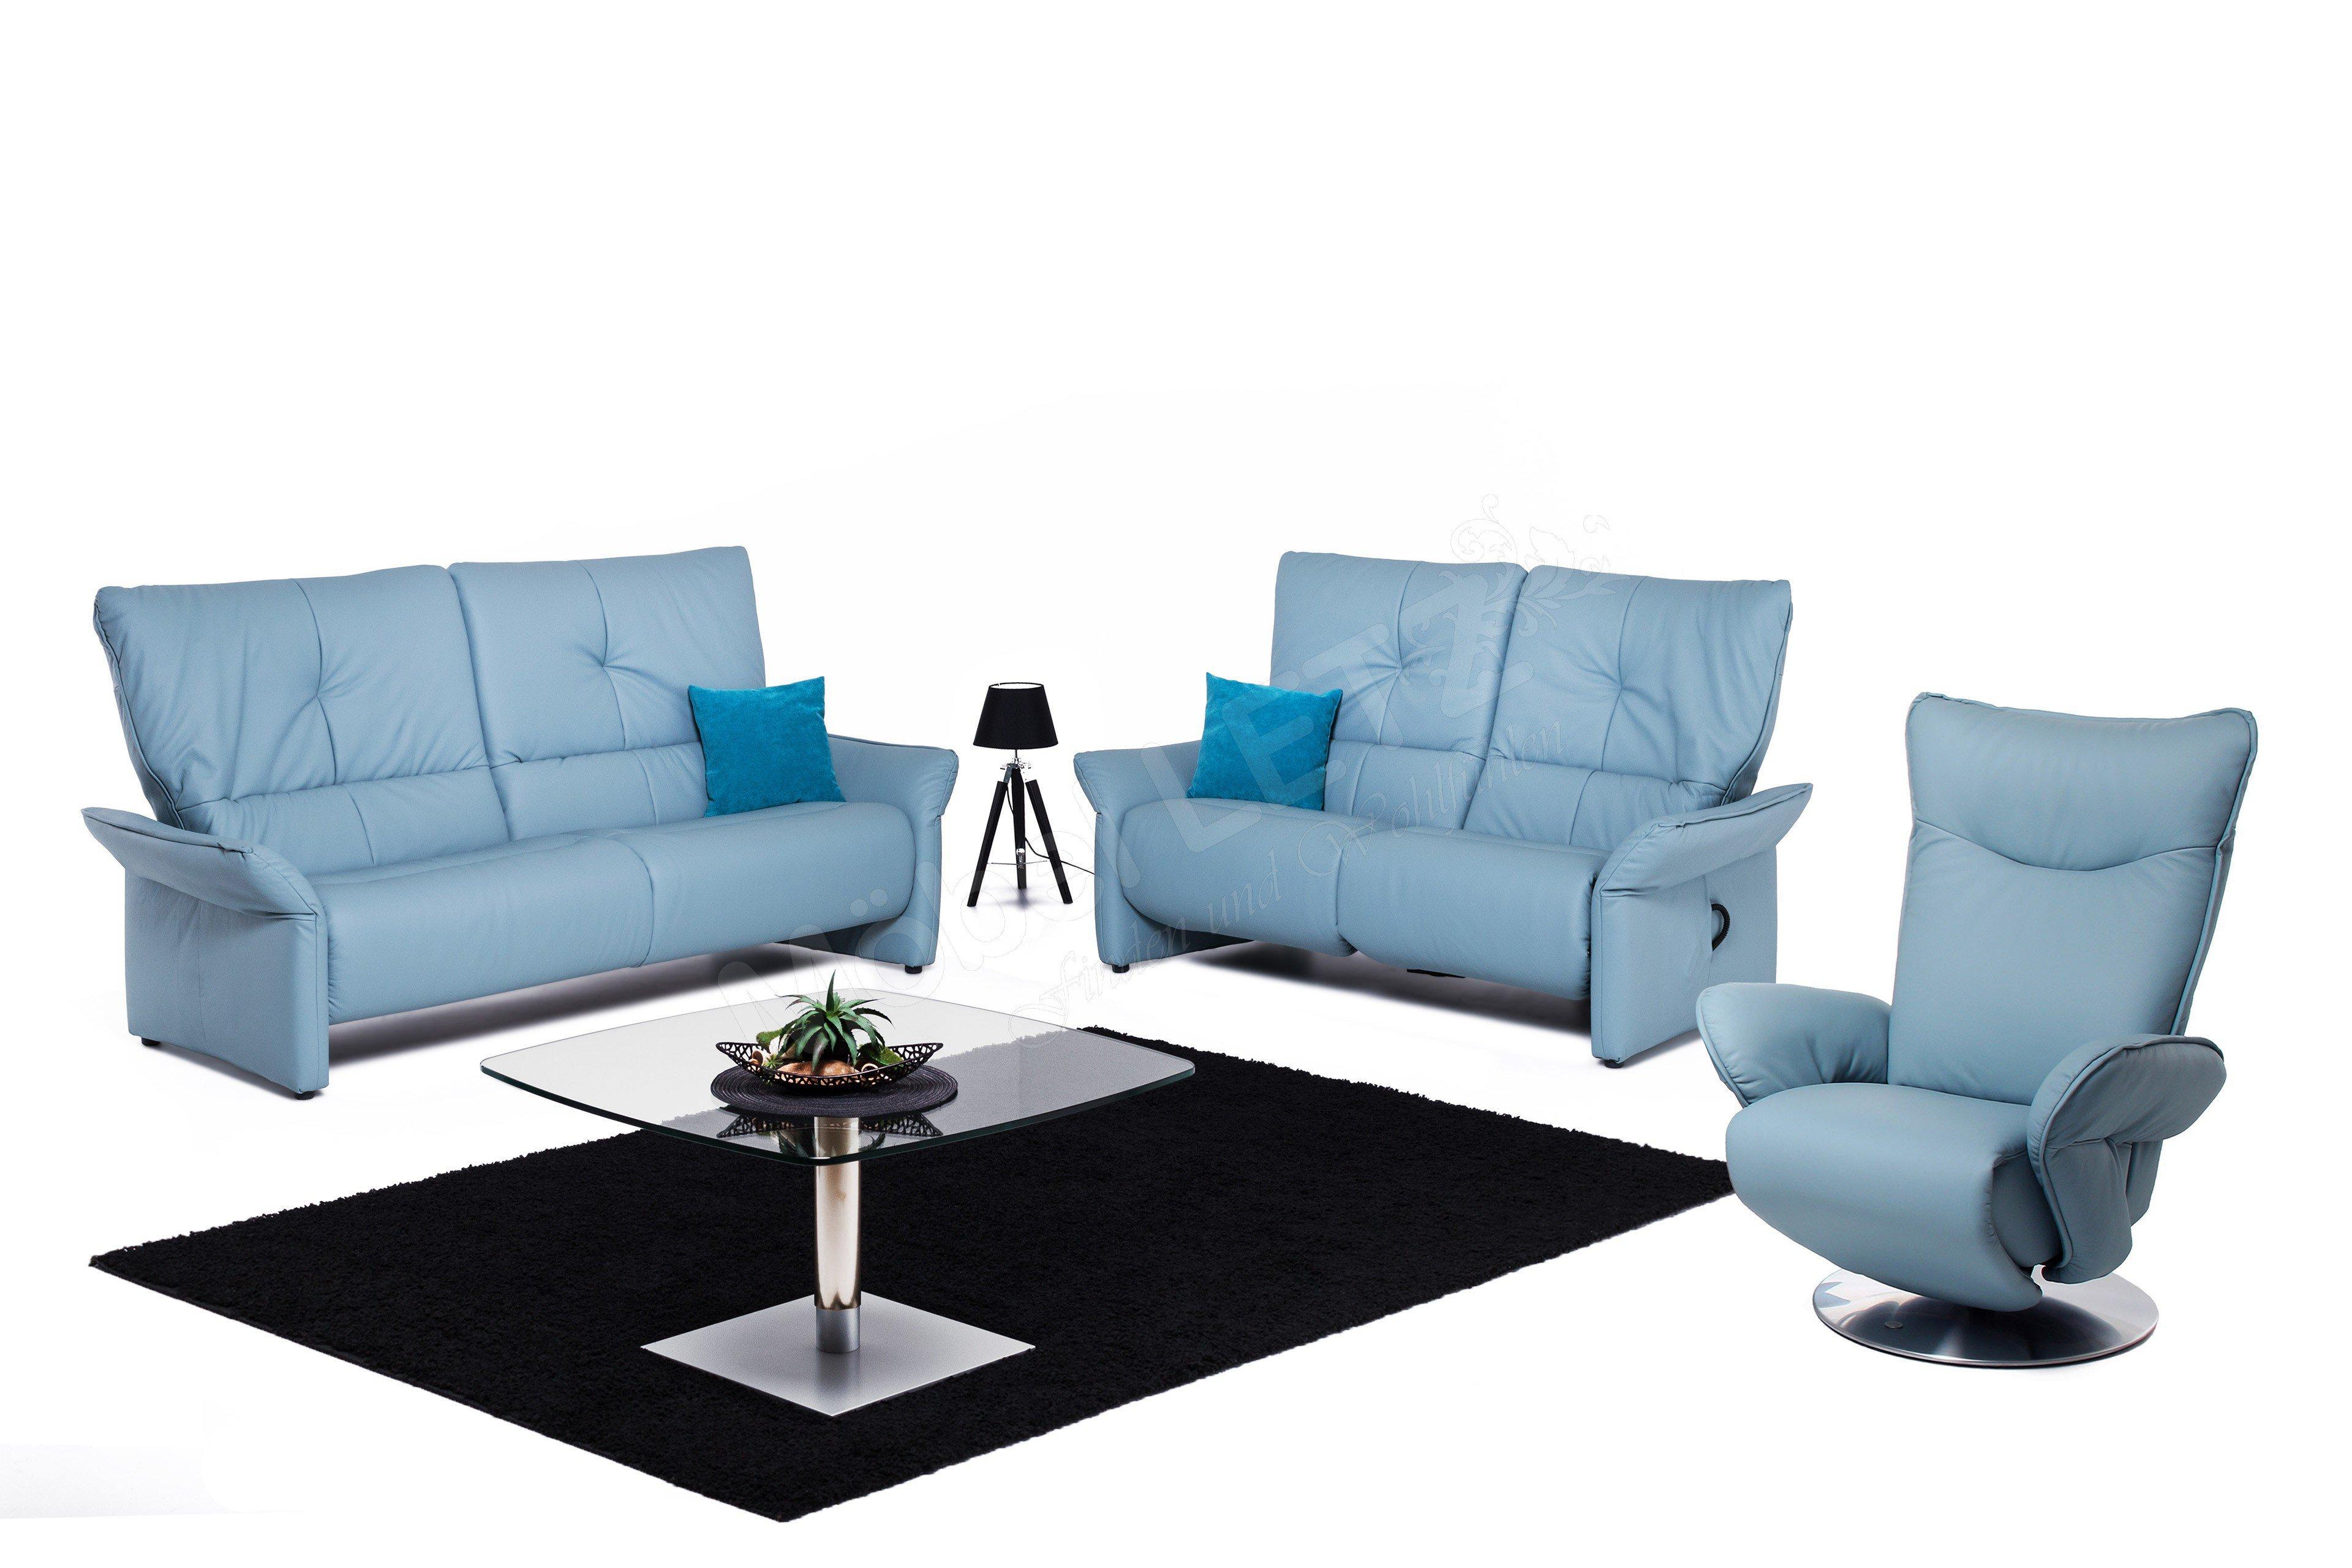 himolla polsterm bel 4513 ledergarnitur in blau m bel letz ihr online shop. Black Bedroom Furniture Sets. Home Design Ideas